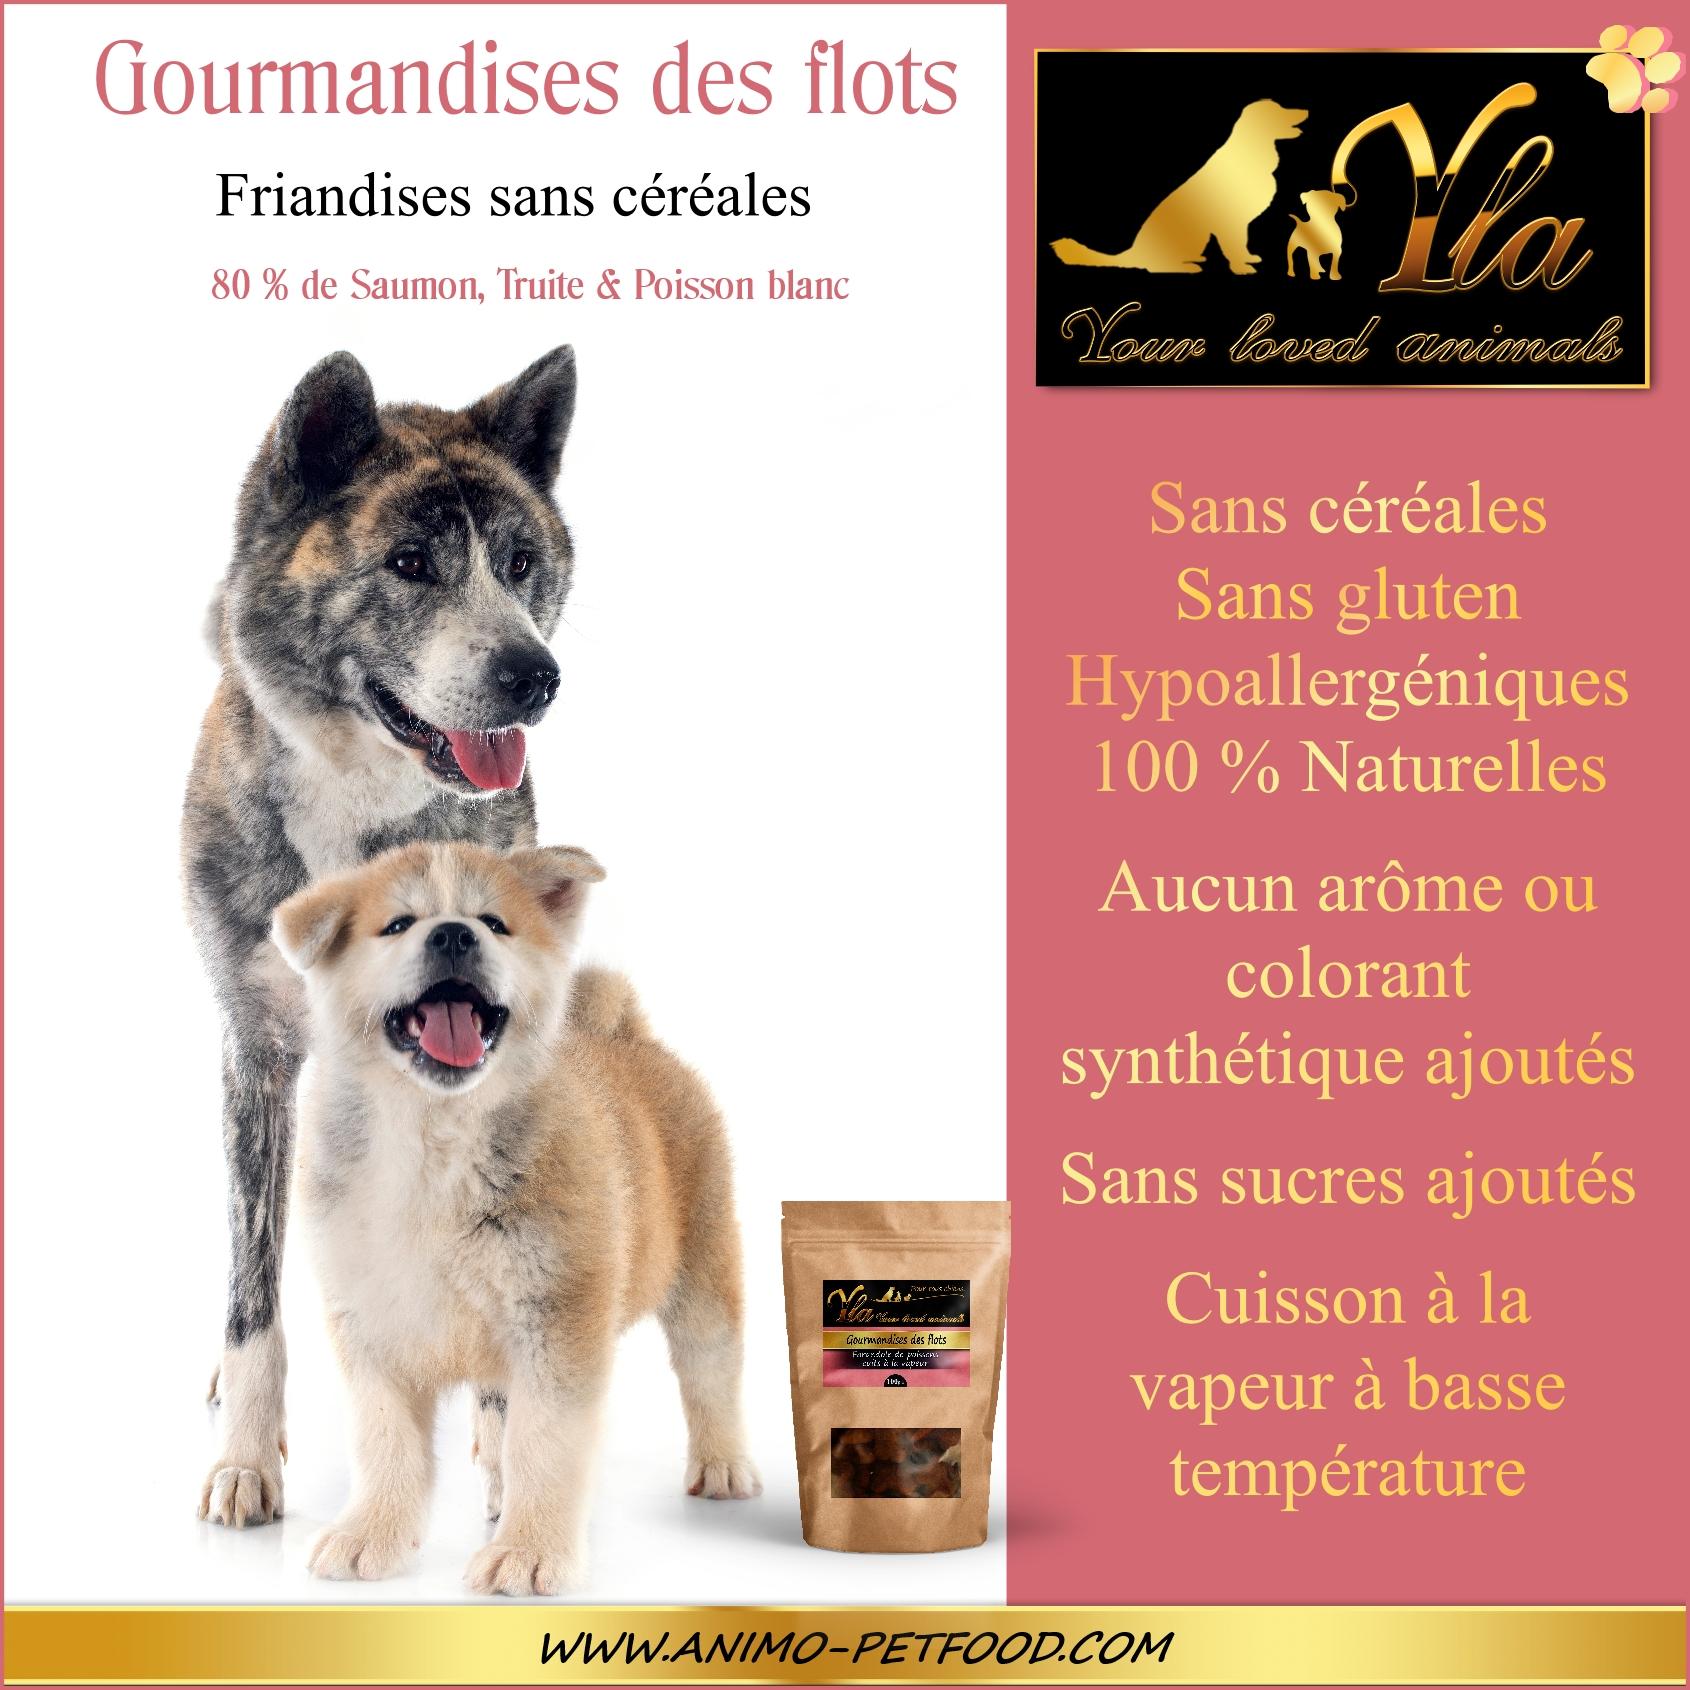 friandise pour chien sans céréale